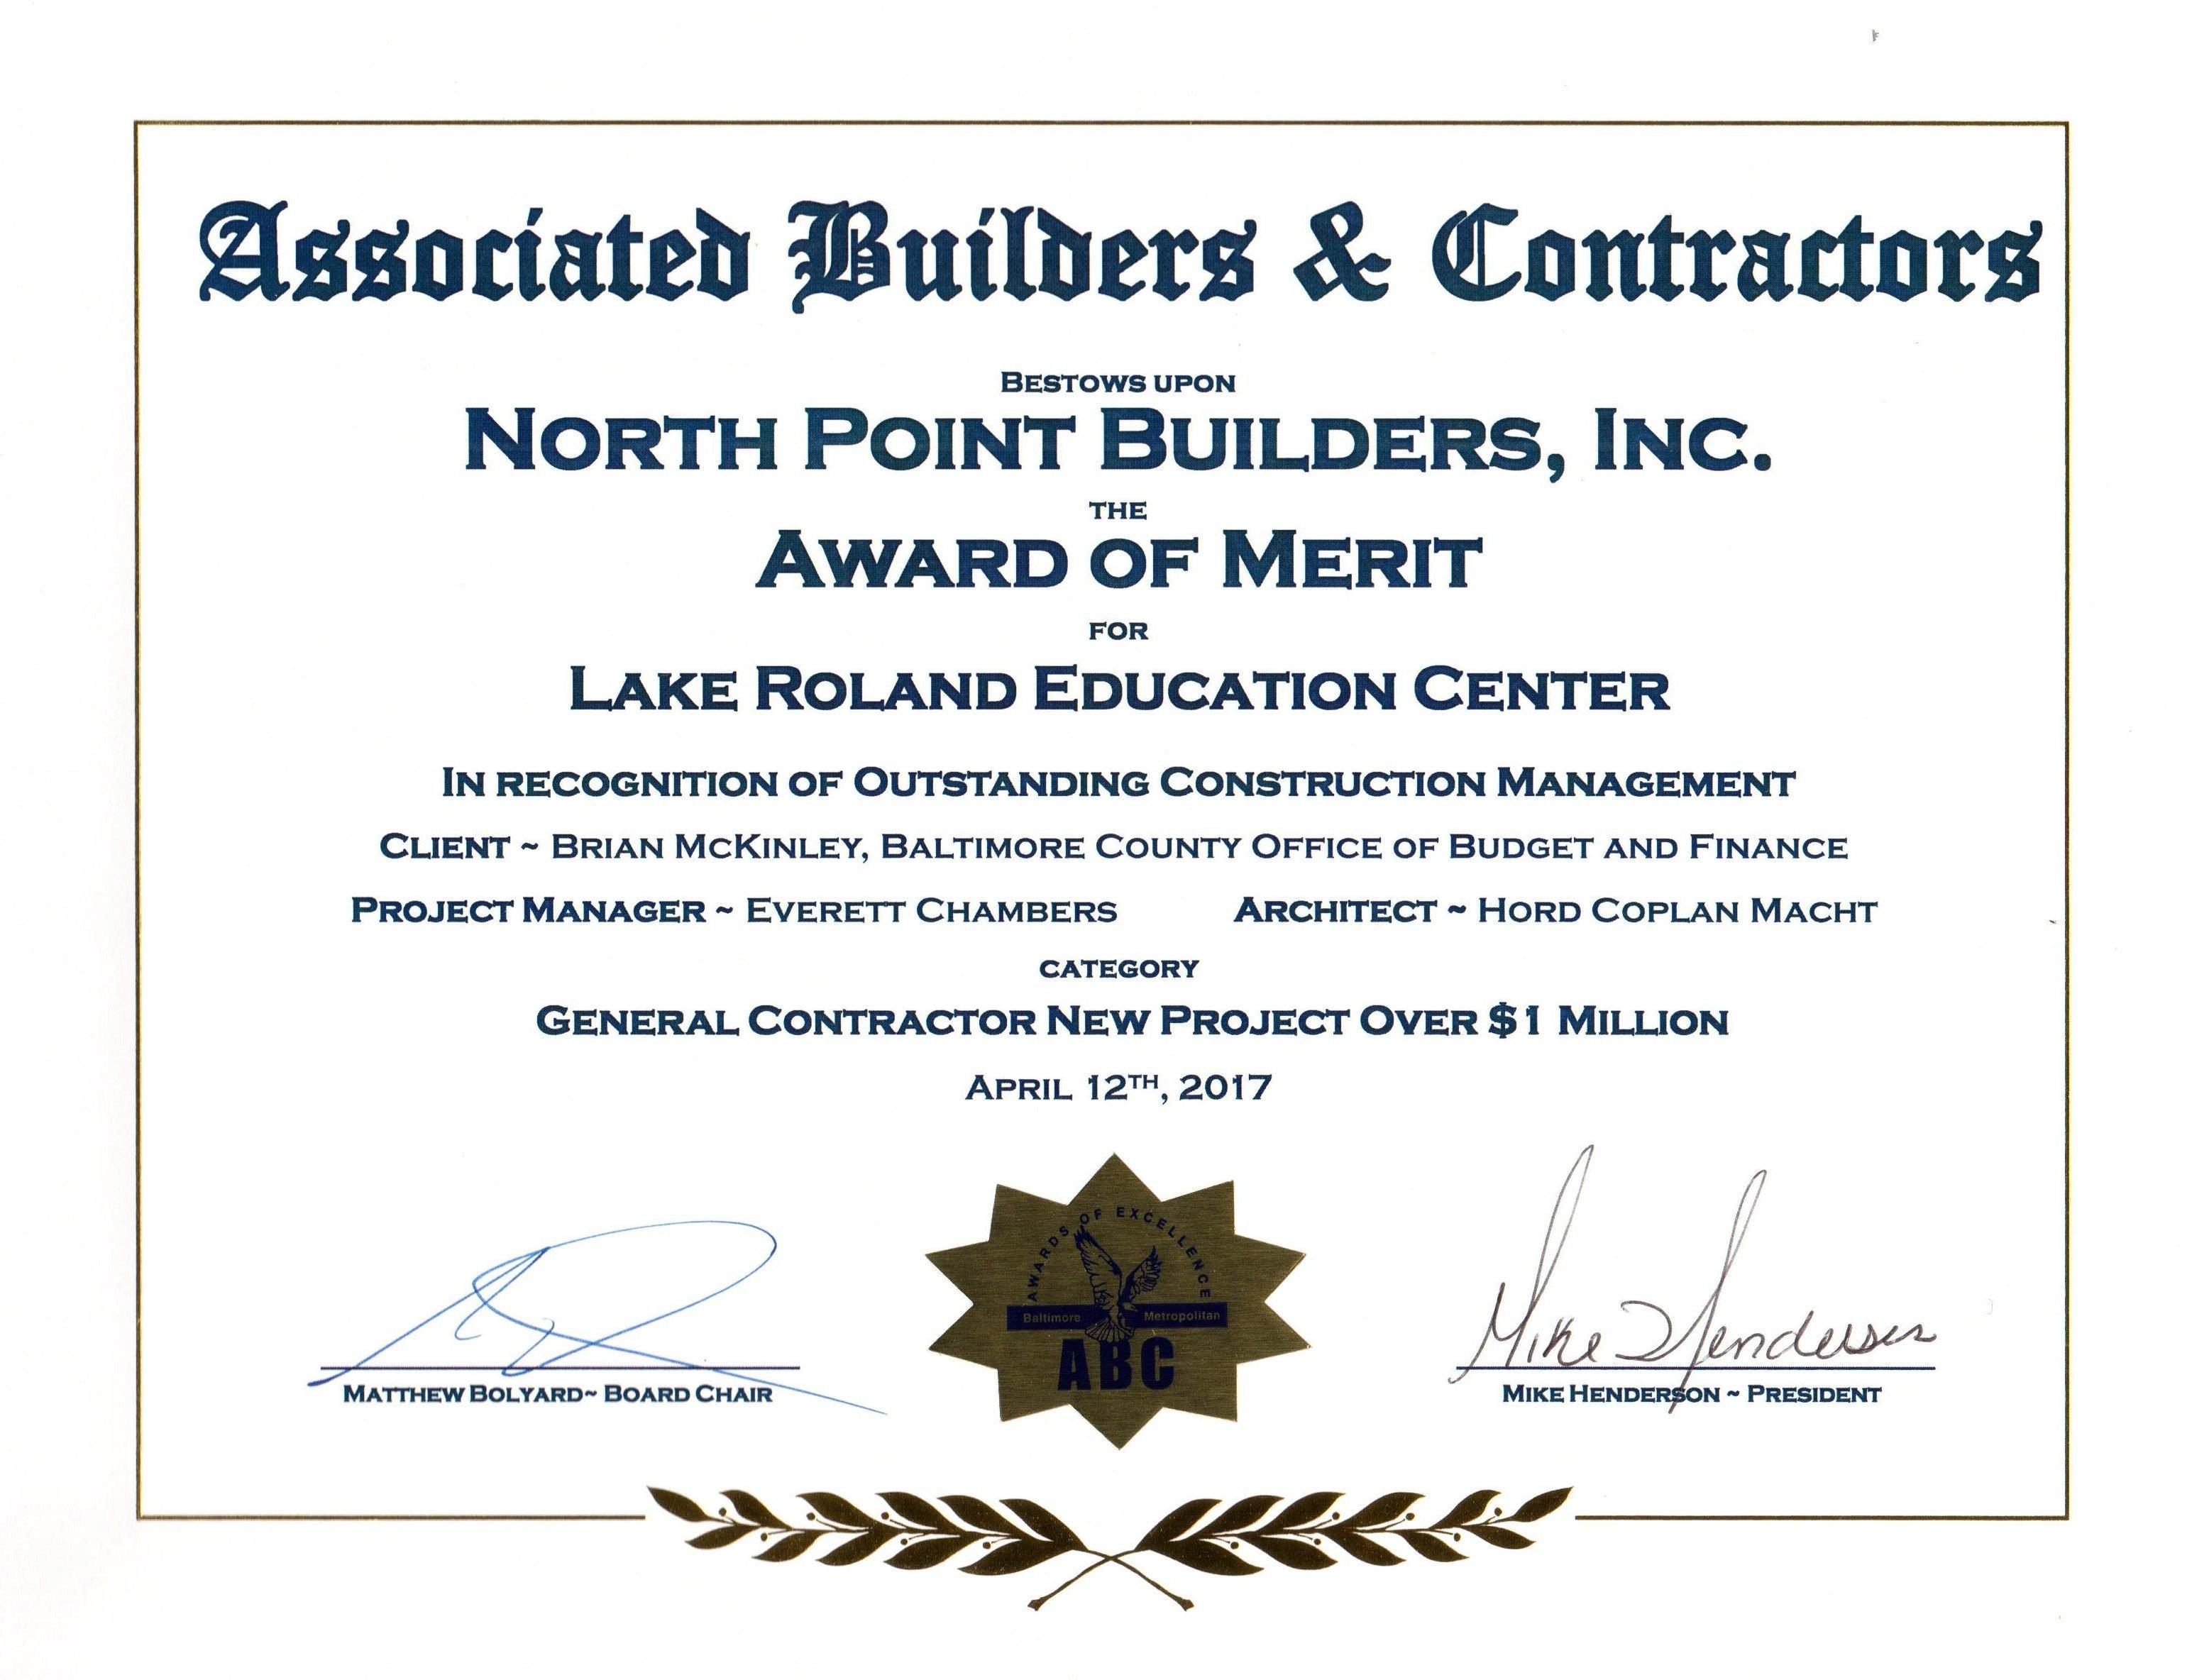 Associated Builders & Contractors Award of Merit